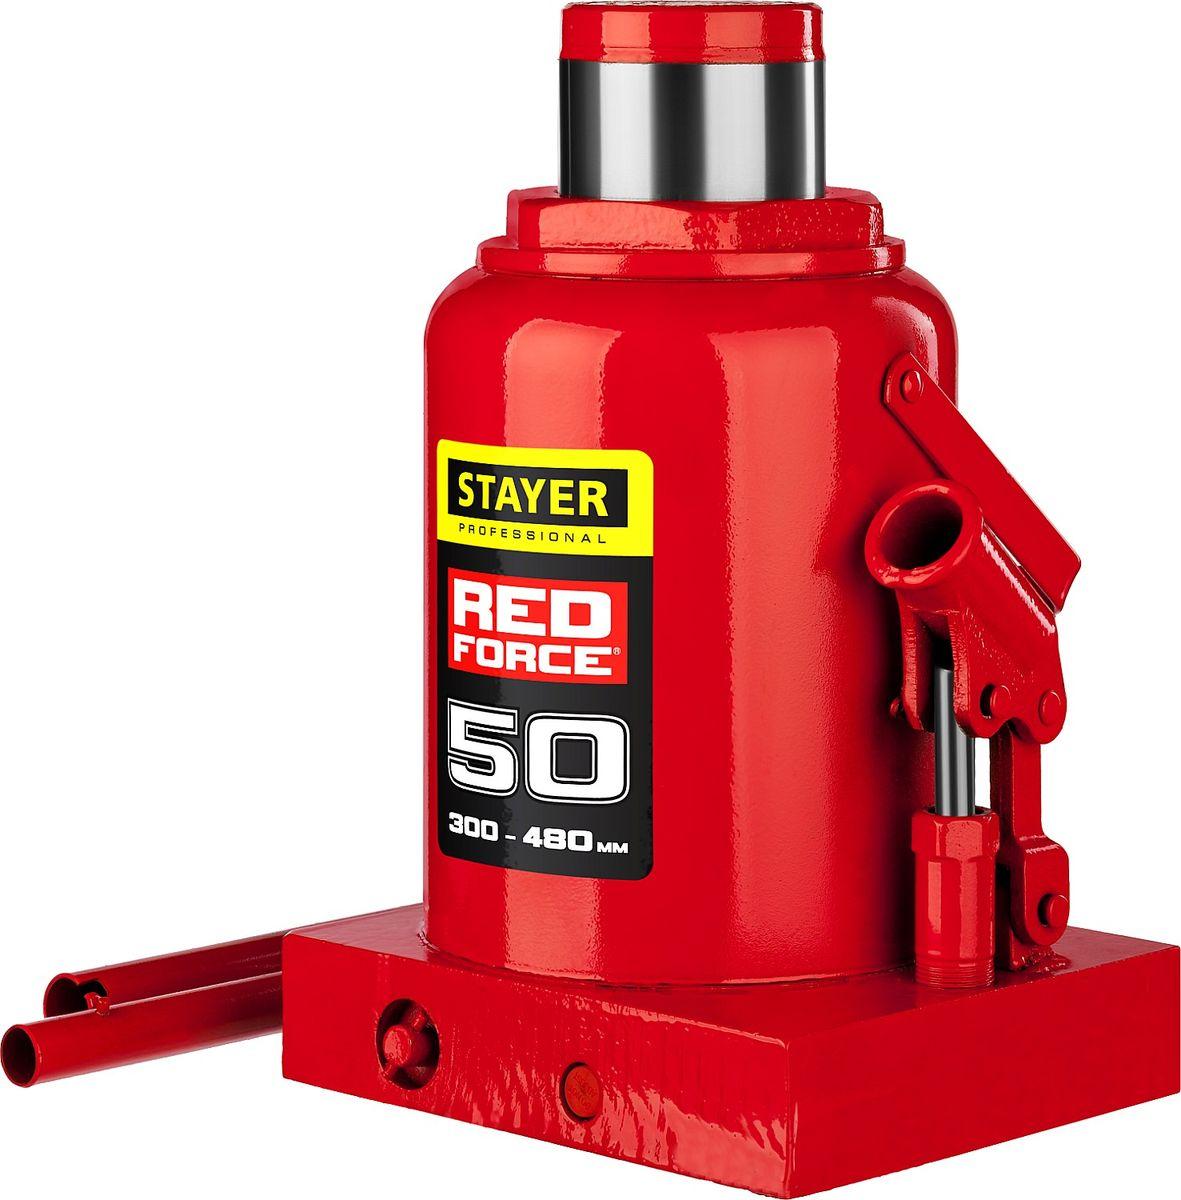 Домкрат Stayer Red Force, гидравлический бутылочный, 50 т, высота подъема 30-48 см43160-50_z01Домкрат гидравлический бутылочный Stayer 43160-50_z01, используется для обслуживания автомобилей или при работах связанных с ремонтом фундаментов. Компактность, небольшой вес и высокая грузоподъемность позволяет использовать домкрат при проведении ремонтно-строительных работах. Компактный. Высокая грузоподъемность.